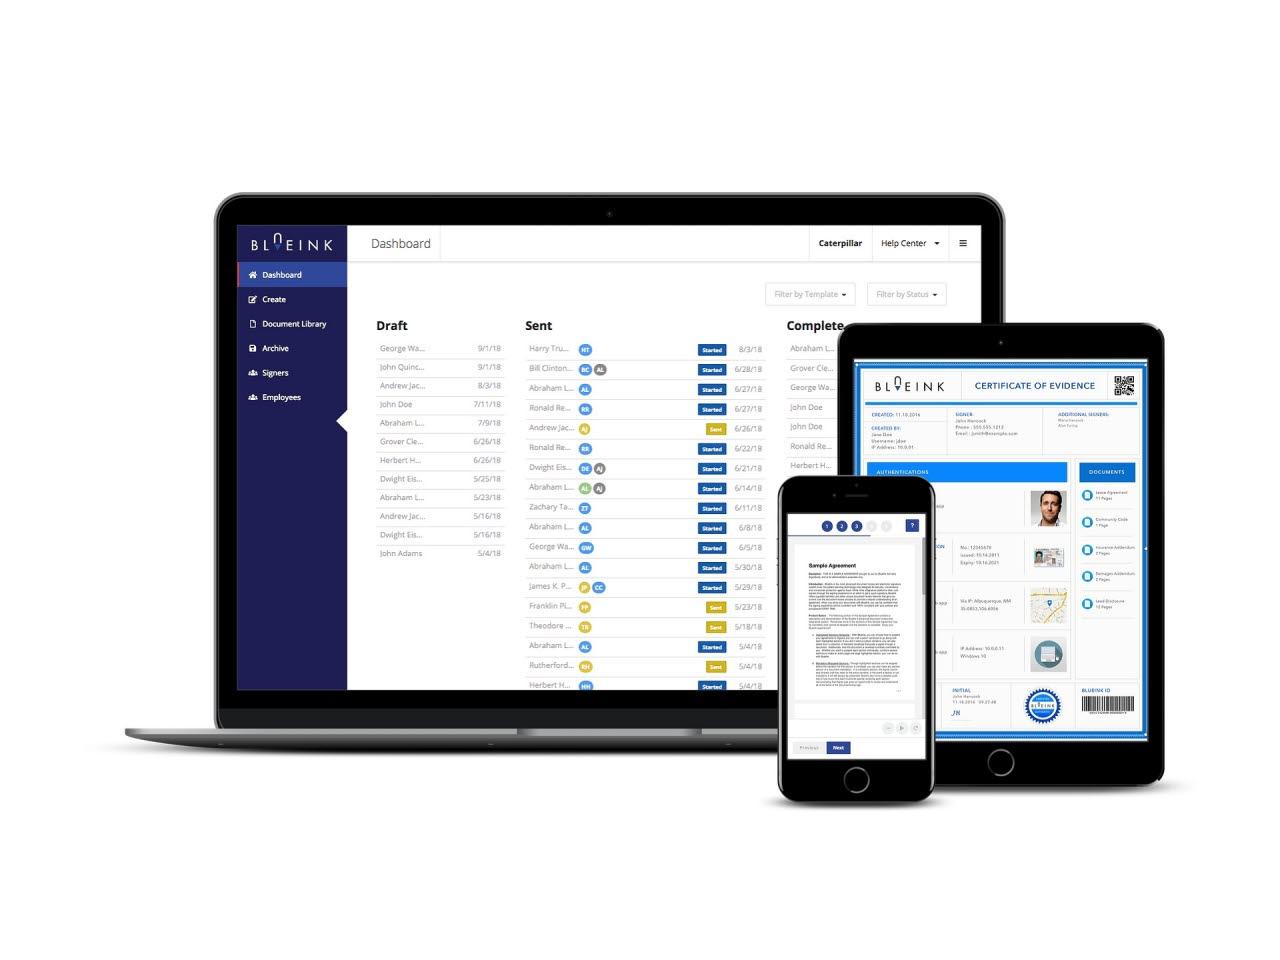 blueink-esignature-platform-3-devices-wh (1).jpg